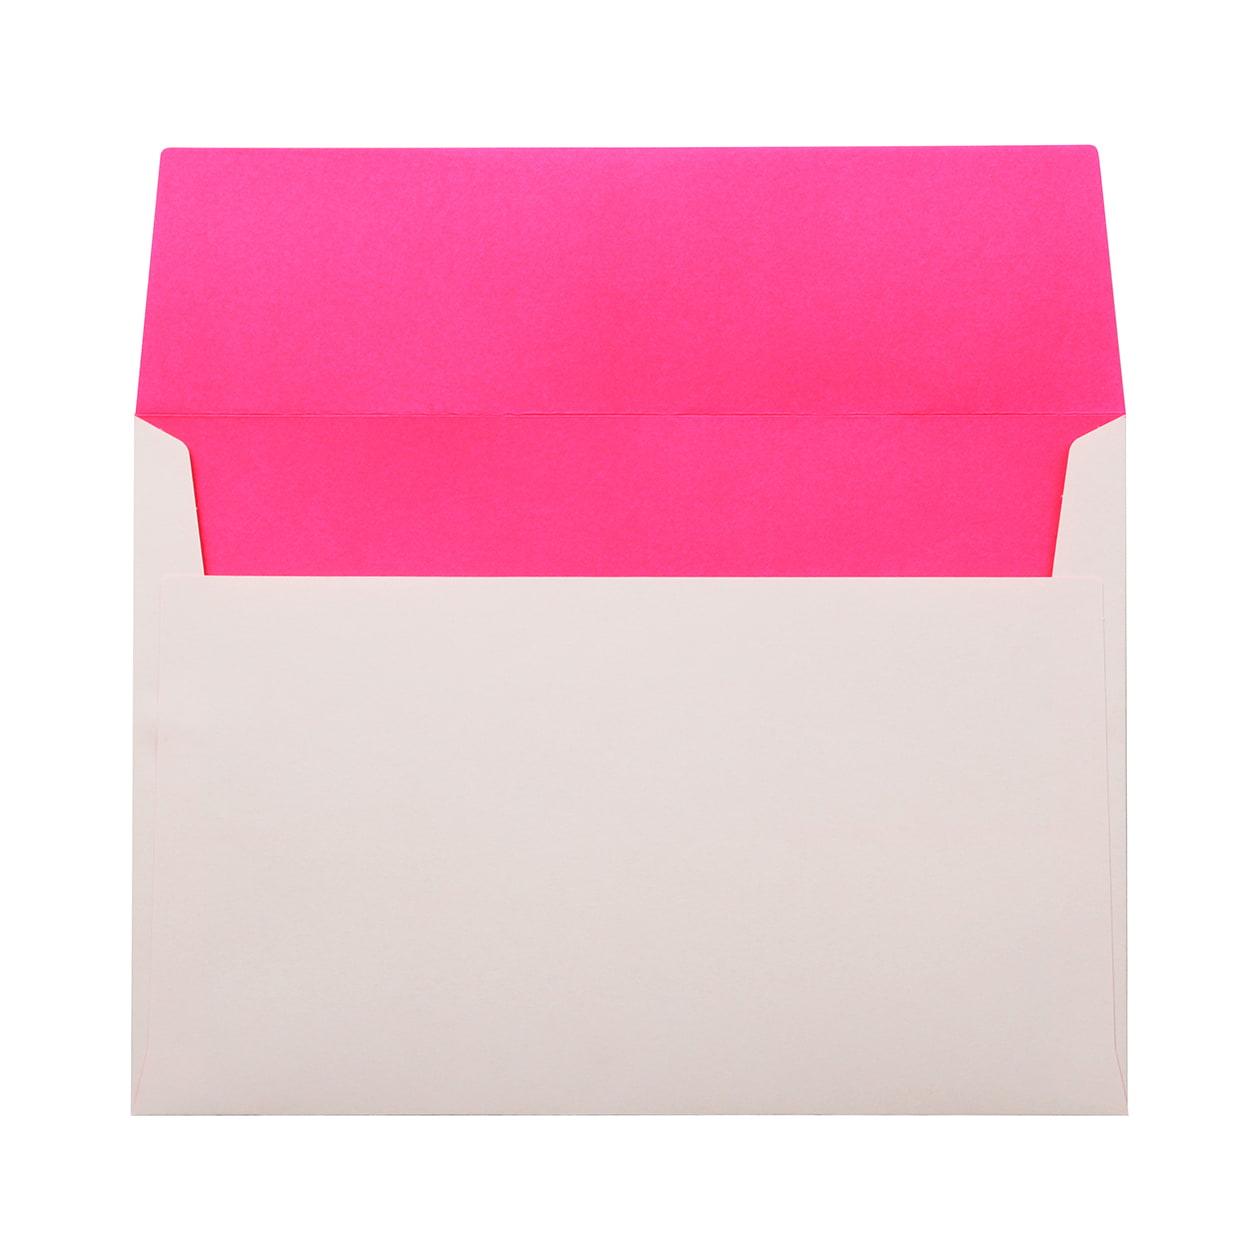 角6カマス封筒 フラッシュカラー ホワイト×ピンク 100g